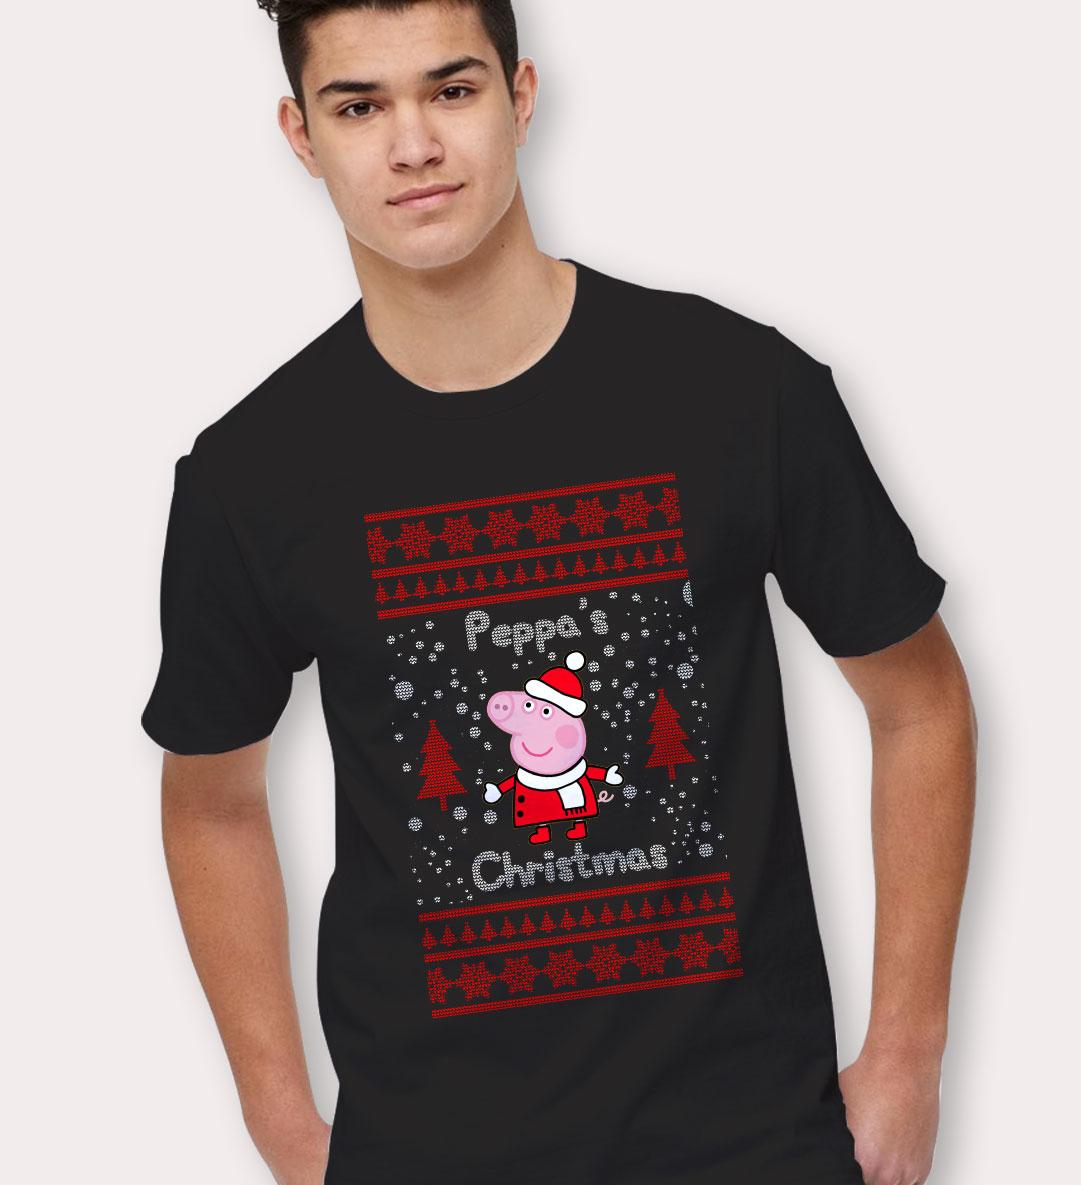 peppa pig ugly christmas t shirt - Ugly Christmas Tee Shirts